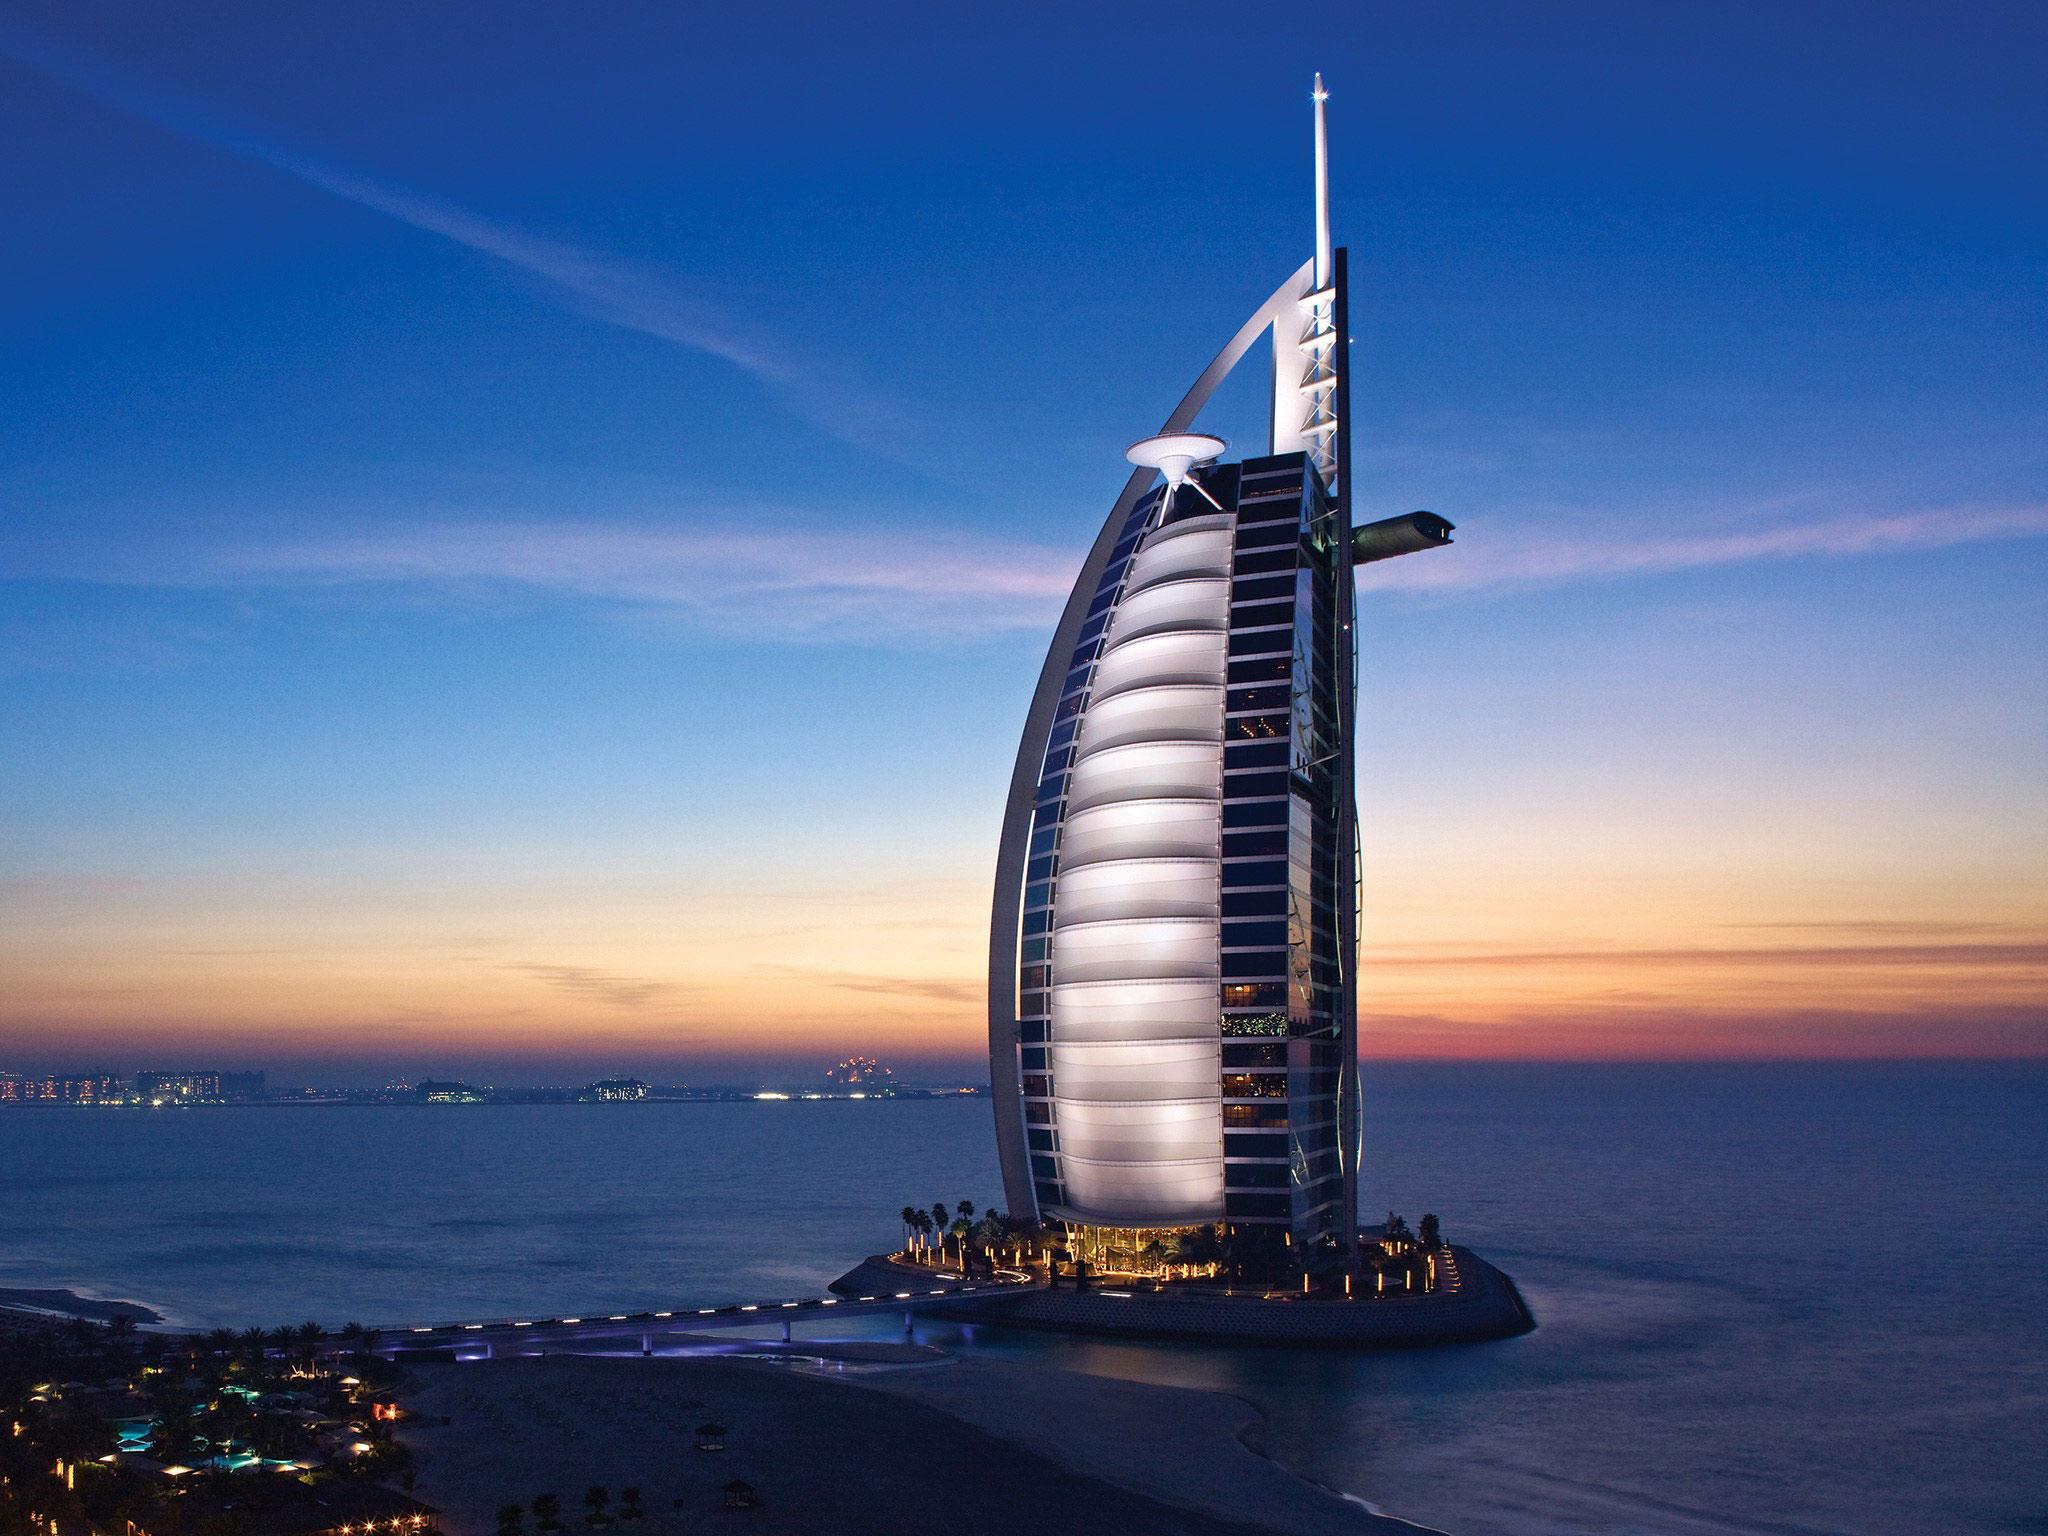 Burj-Al-Arab These are the coolest skyscraper buildings in Dubai